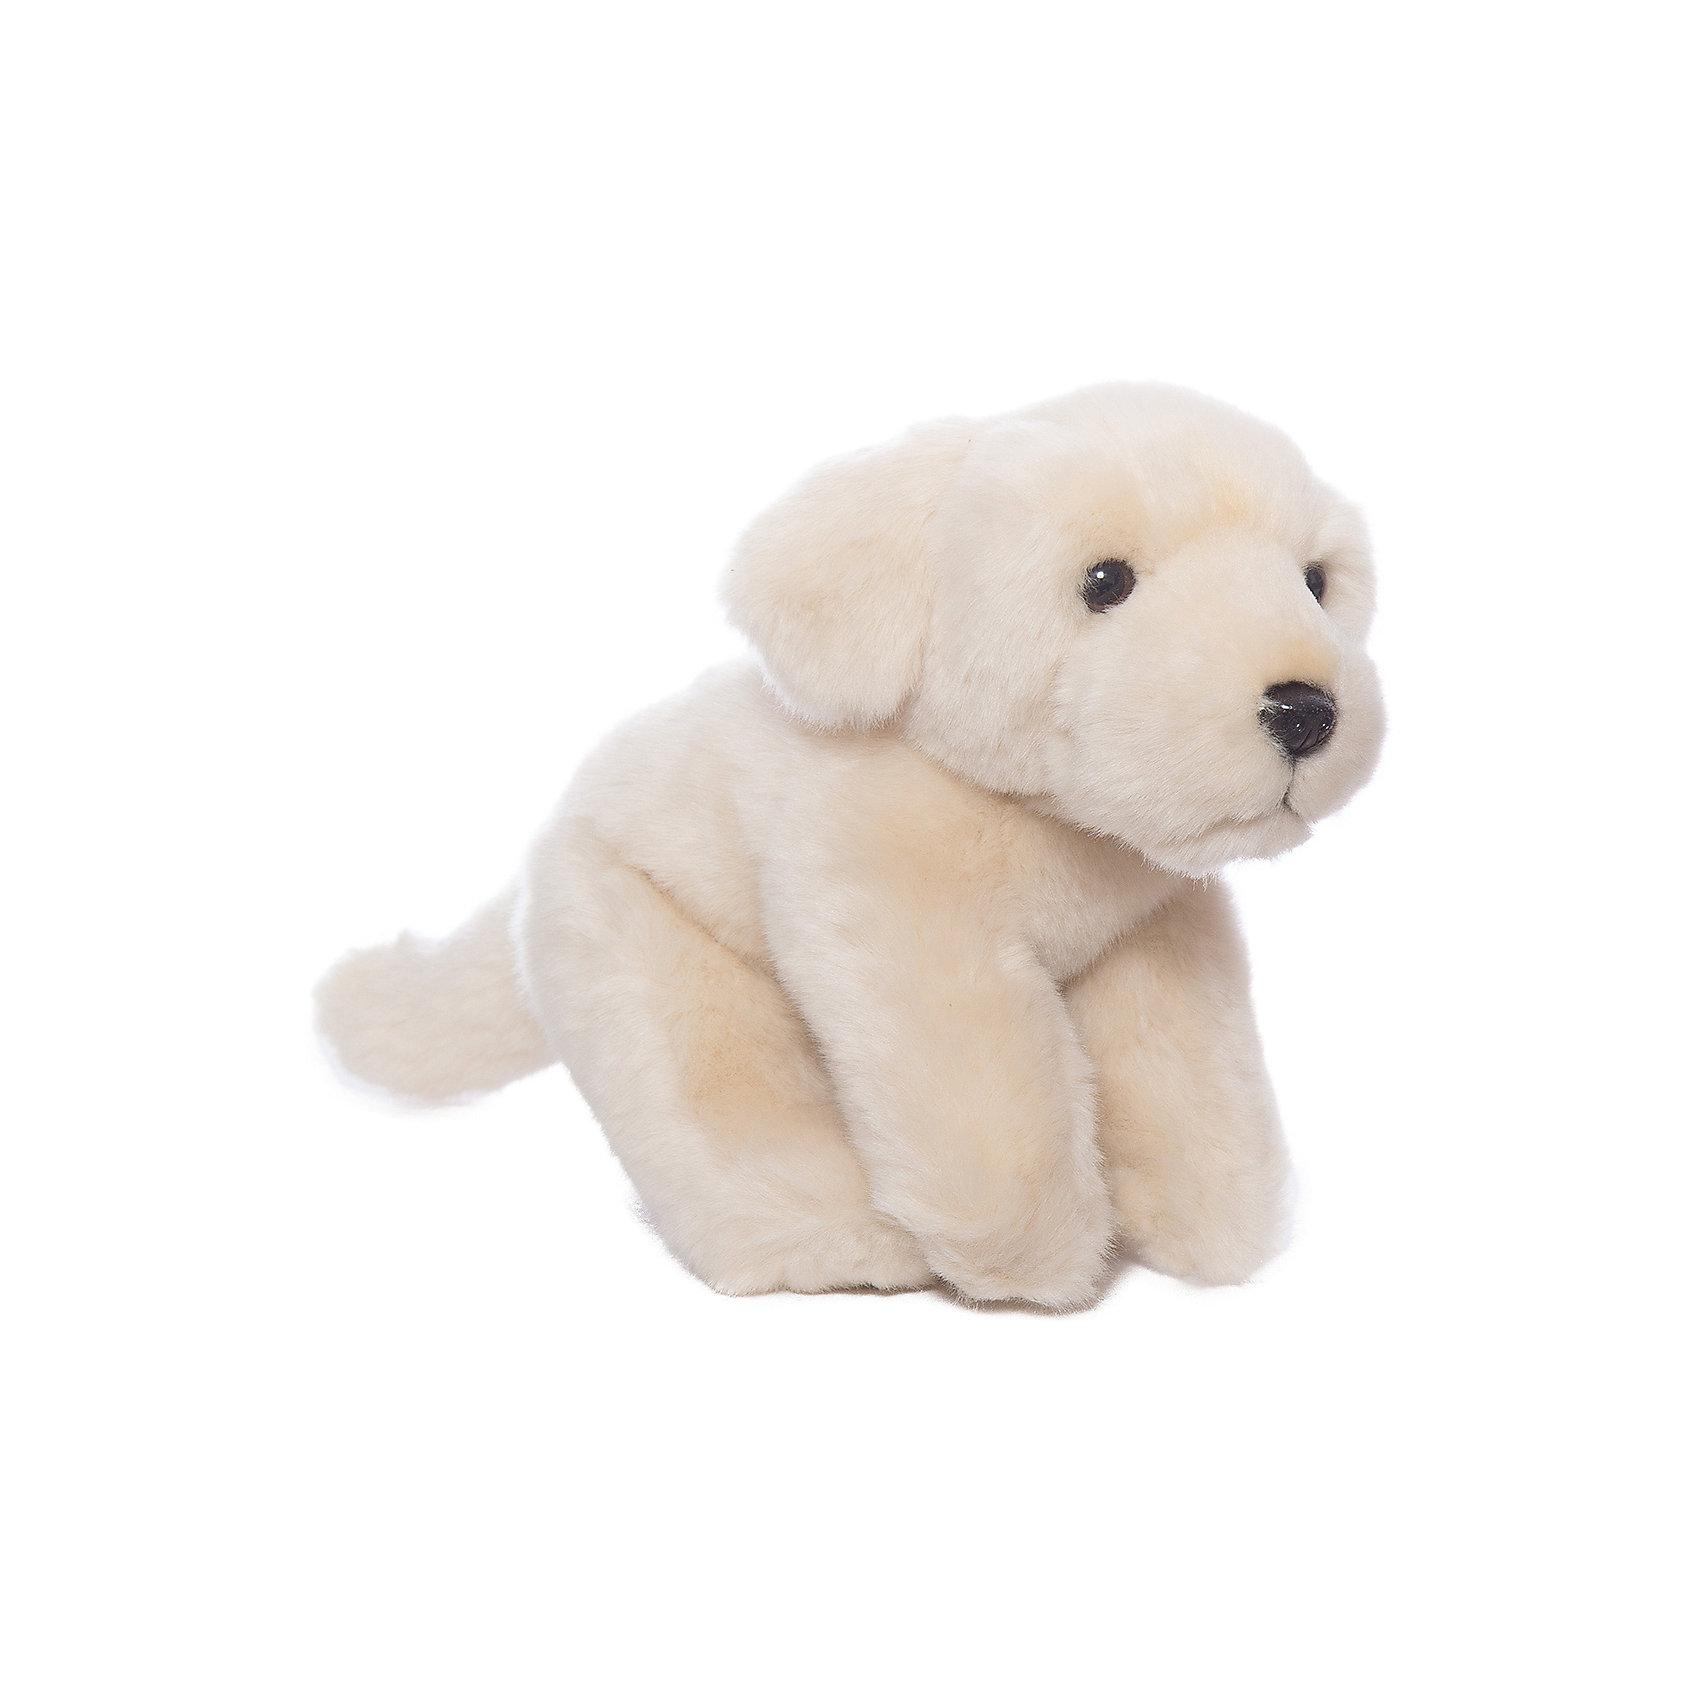 Бежевый лабрадор, 22 смКошки и собаки<br>Бежевый лабрадор, 22 см – игрушка от знаменитого бренда Hansa, специализирующегося на выпуске мягких игрушек с высокой степенью натуралистичности. Внешний вид игрушечной собаки полностью соответствует породе реального прототипа. Игрушка выполнена в бежевом цвете из меха с ворсом средней длины, обладает гипоаллергенными свойствами. Внутри имеется металлический каркас, который позволяет изменять положение. <br>Игрушка относится к серии Домашние животные. <br>Мягкие игрушки от Hansa подходят для сюжетно-ролевых игр или для обучающих игр. Кроме того, их можно использовать в качестве интерьерных игрушек. Игрушки от Hansa будут радовать вашего ребенка долгое время, так как ручная работа и качественные материалы гарантируют их долговечность и прочность.<br><br>Дополнительная информация:<br><br>- Вид игр: сюжетно-ролевые игры, коллекционирование, интерьерные игрушки<br>- Предназначение: для дома, для детских развивающих центров, для детских садов<br>- Материал: искусственный мех, наполнитель ? полиэфирное волокно<br>- Размер (ДхШхВ): 15*12*22 см<br>- Вес: 720 г<br>- Особенности ухода: сухая чистка при помощи пылесоса или щетки для одежды<br><br>Подробнее:<br><br>• Для детей в возрасте: от 3 лет <br>• Страна производитель: Филиппины<br>• Торговый бренд: Hansa<br><br>Бежевого лабрадора, 22 см можно купить в нашем интернет-магазине.<br><br>Ширина мм: 15<br>Глубина мм: 12<br>Высота мм: 22<br>Вес г: 720<br>Возраст от месяцев: 36<br>Возраст до месяцев: 2147483647<br>Пол: Унисекс<br>Возраст: Детский<br>SKU: 4927172